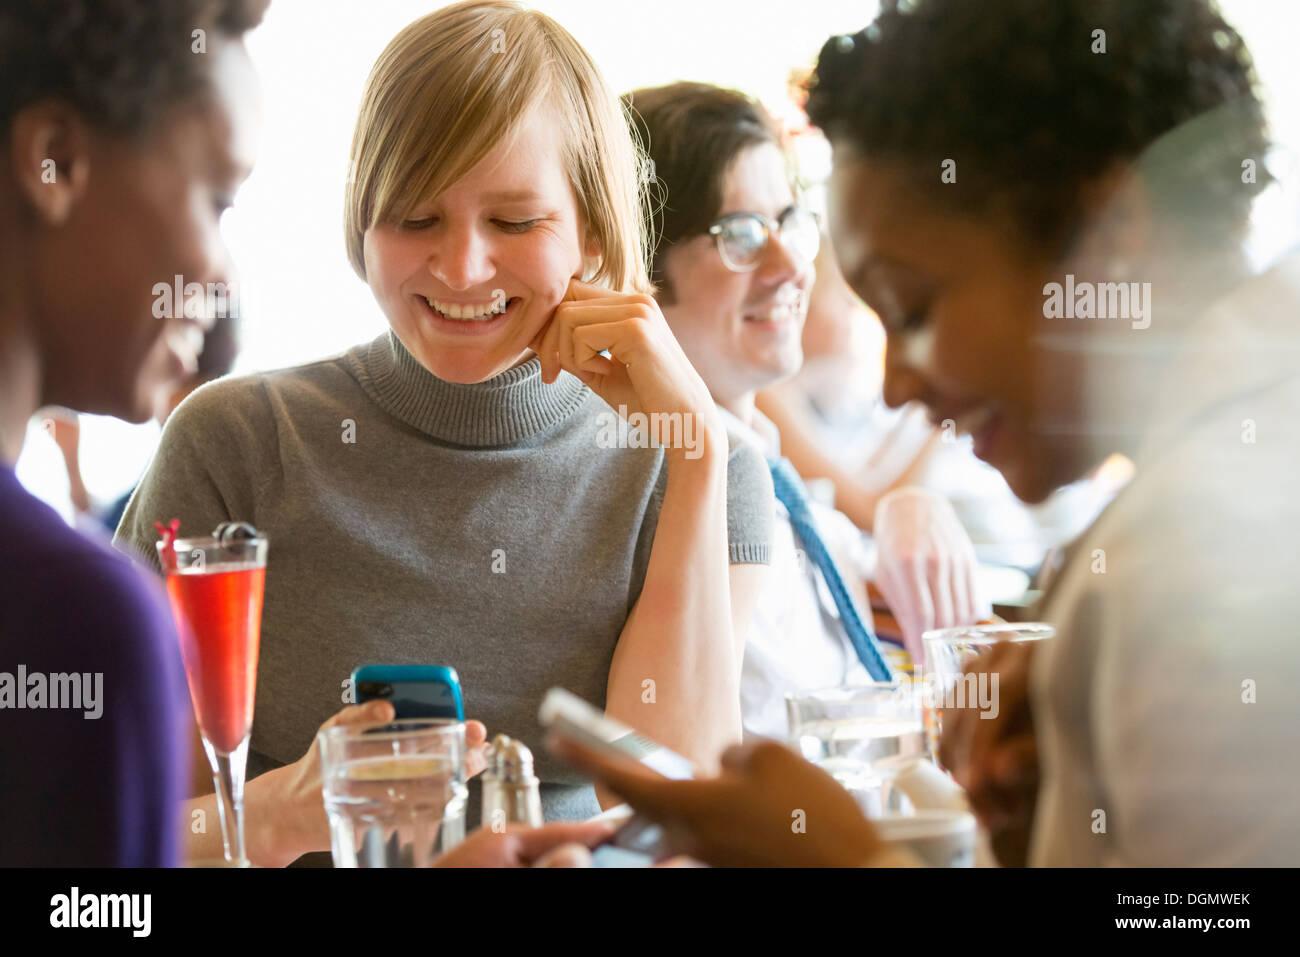 La vida de la ciudad. Un grupo de personas en un café, comprobación de sus teléfonos inteligentes. Imagen De Stock